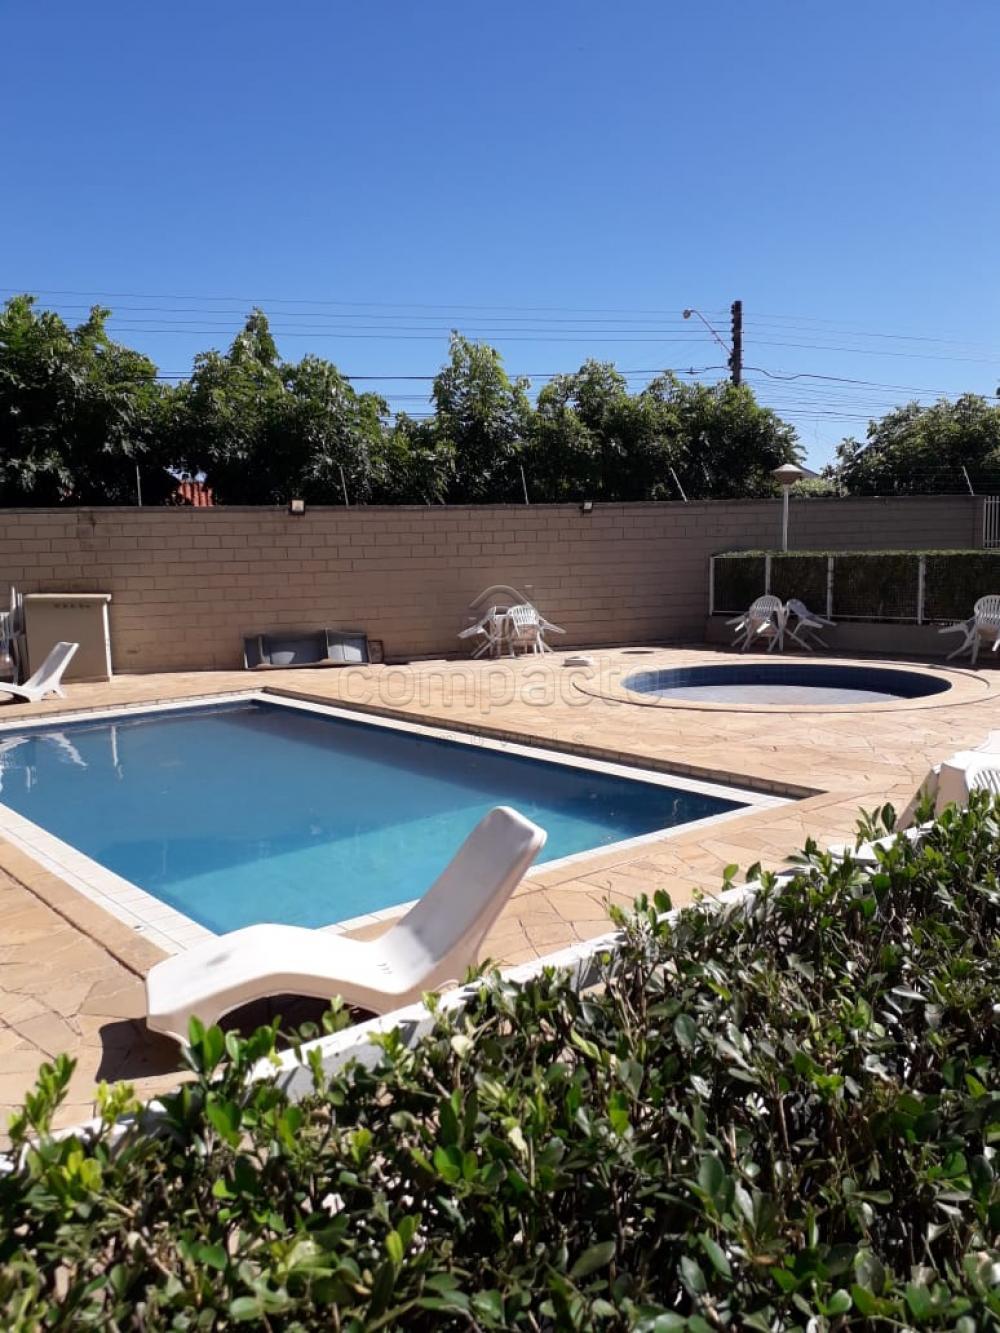 Comprar Casa / Condomínio em São José do Rio Preto apenas R$ 560.000,00 - Foto 25